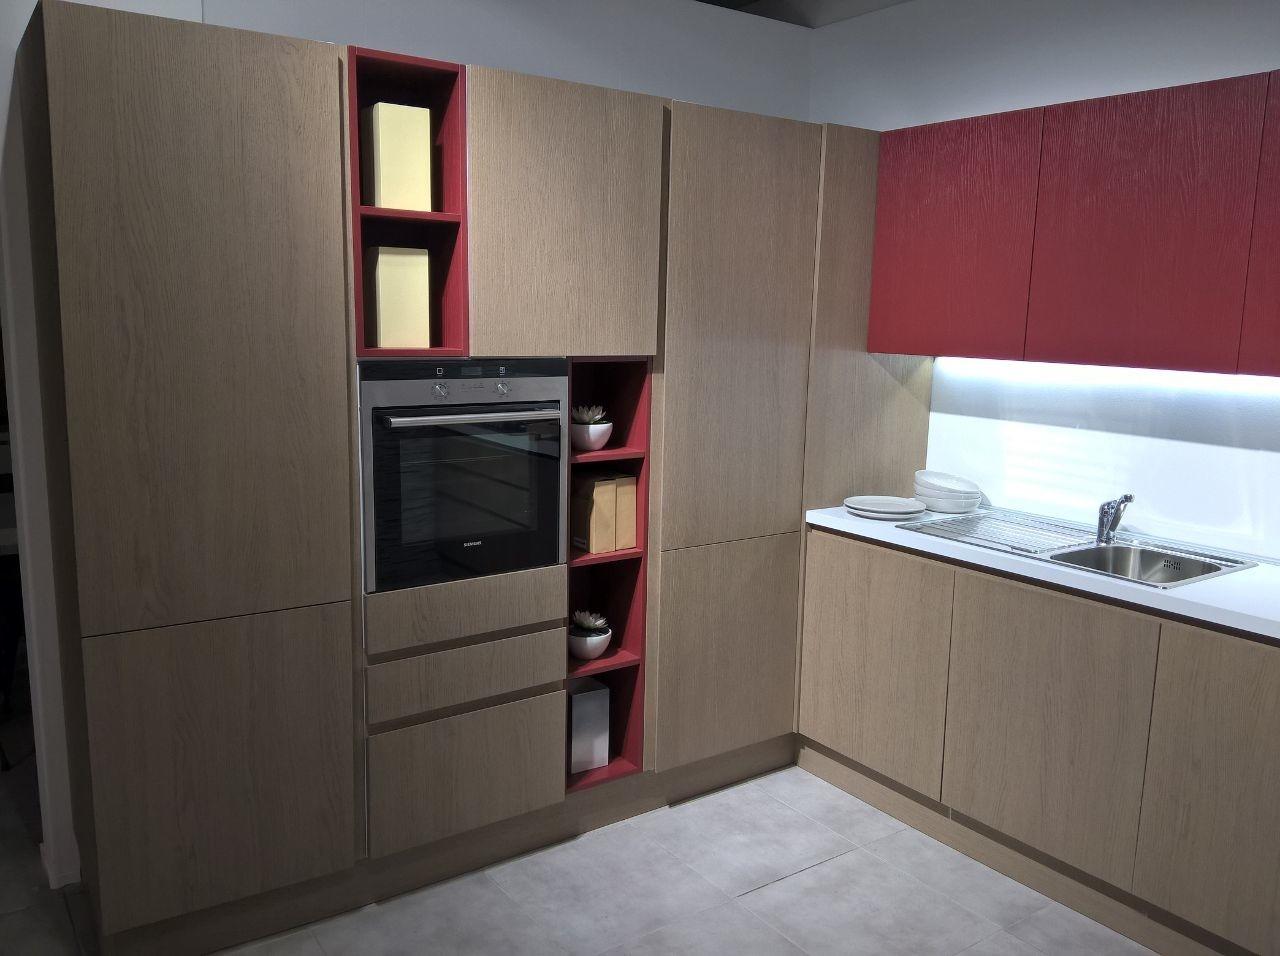 Cucina astra cucine tuttolegno moderne legno cucine a - Cucine astra prezzi ...